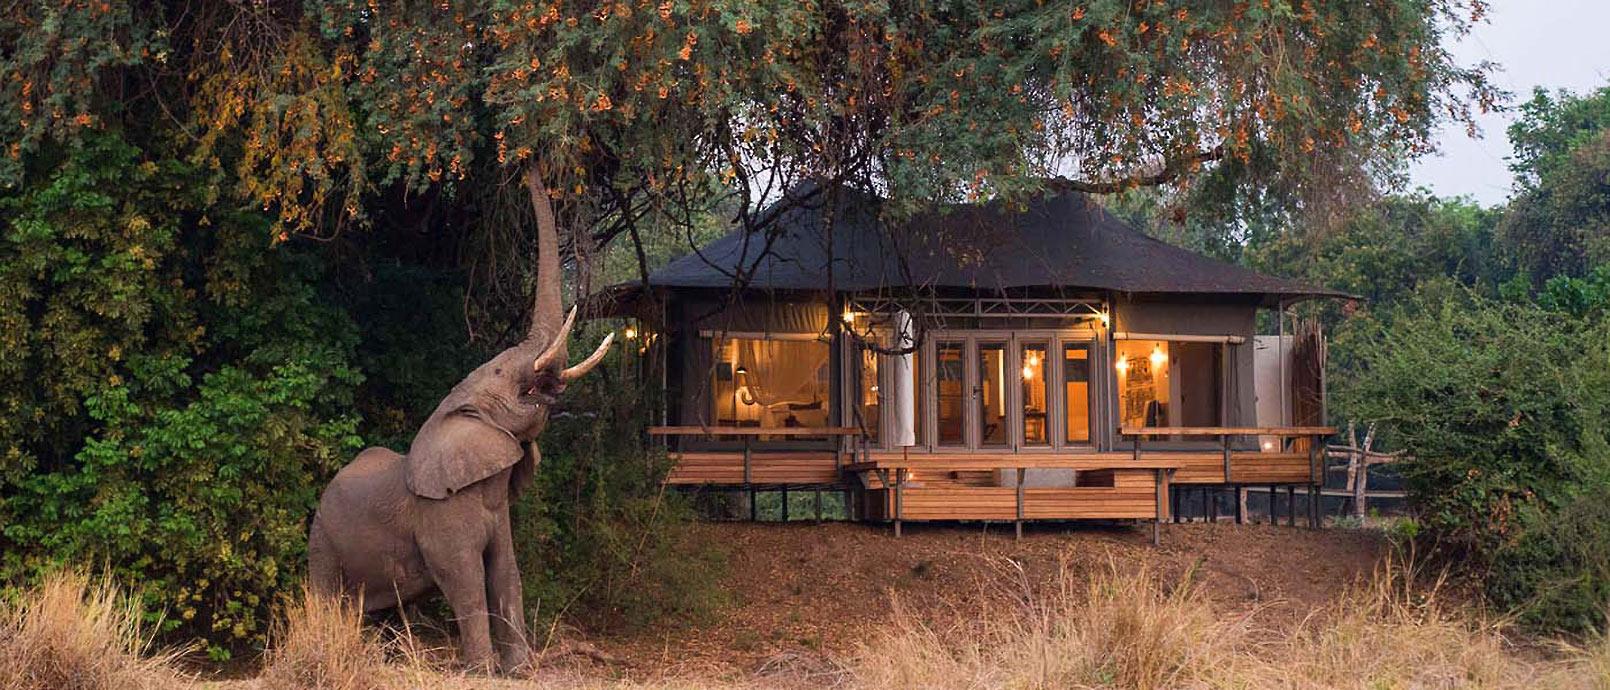 Le Chikwenya Camp Safari dans le parc de Mana Pools, au Zimbabwe